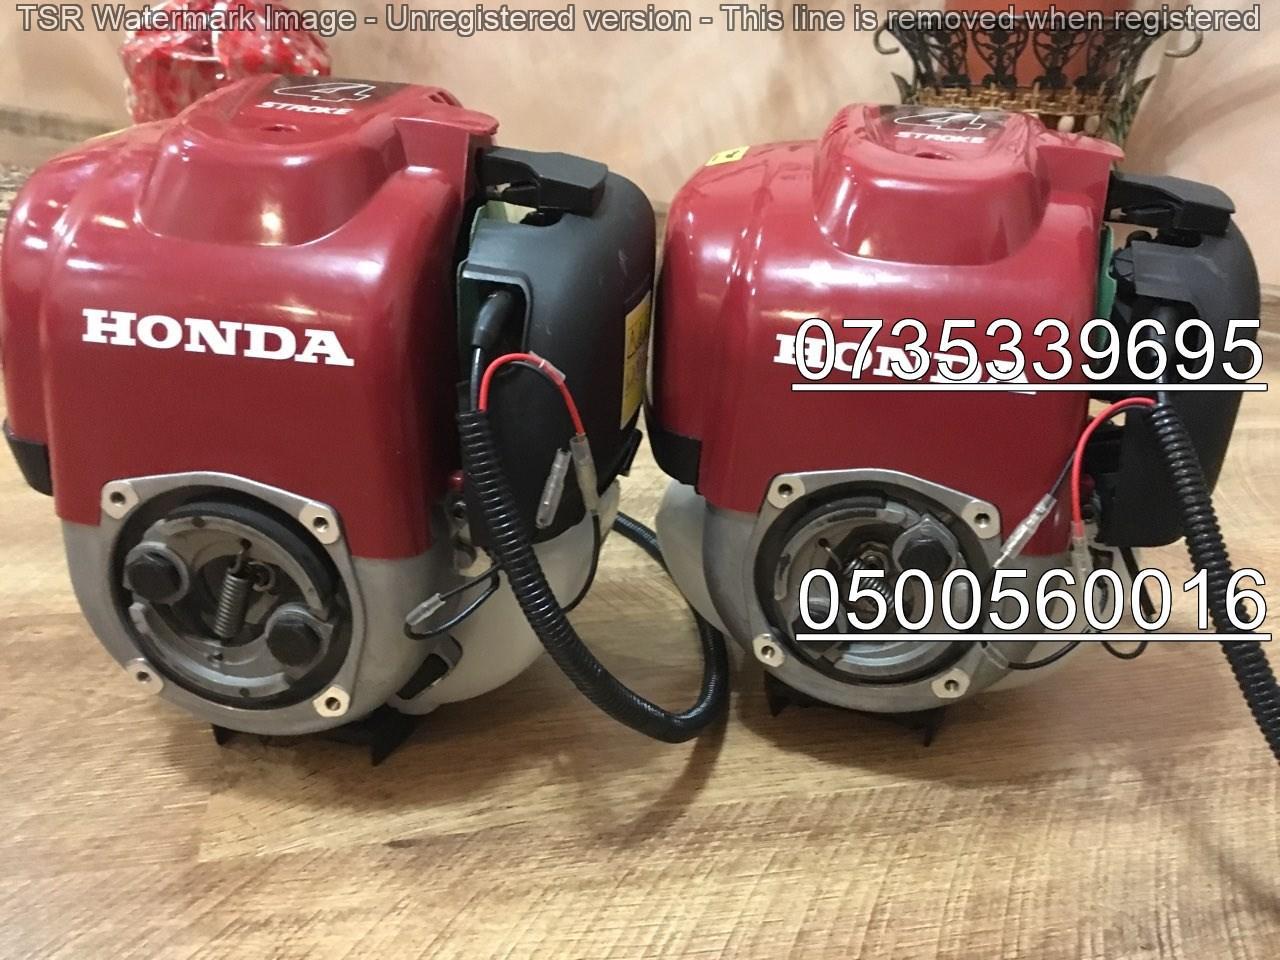 Мотокоса HONDA GX35 (3,5 кВт, 4-х тактный двигатель) Бензокоса Мотокос 7